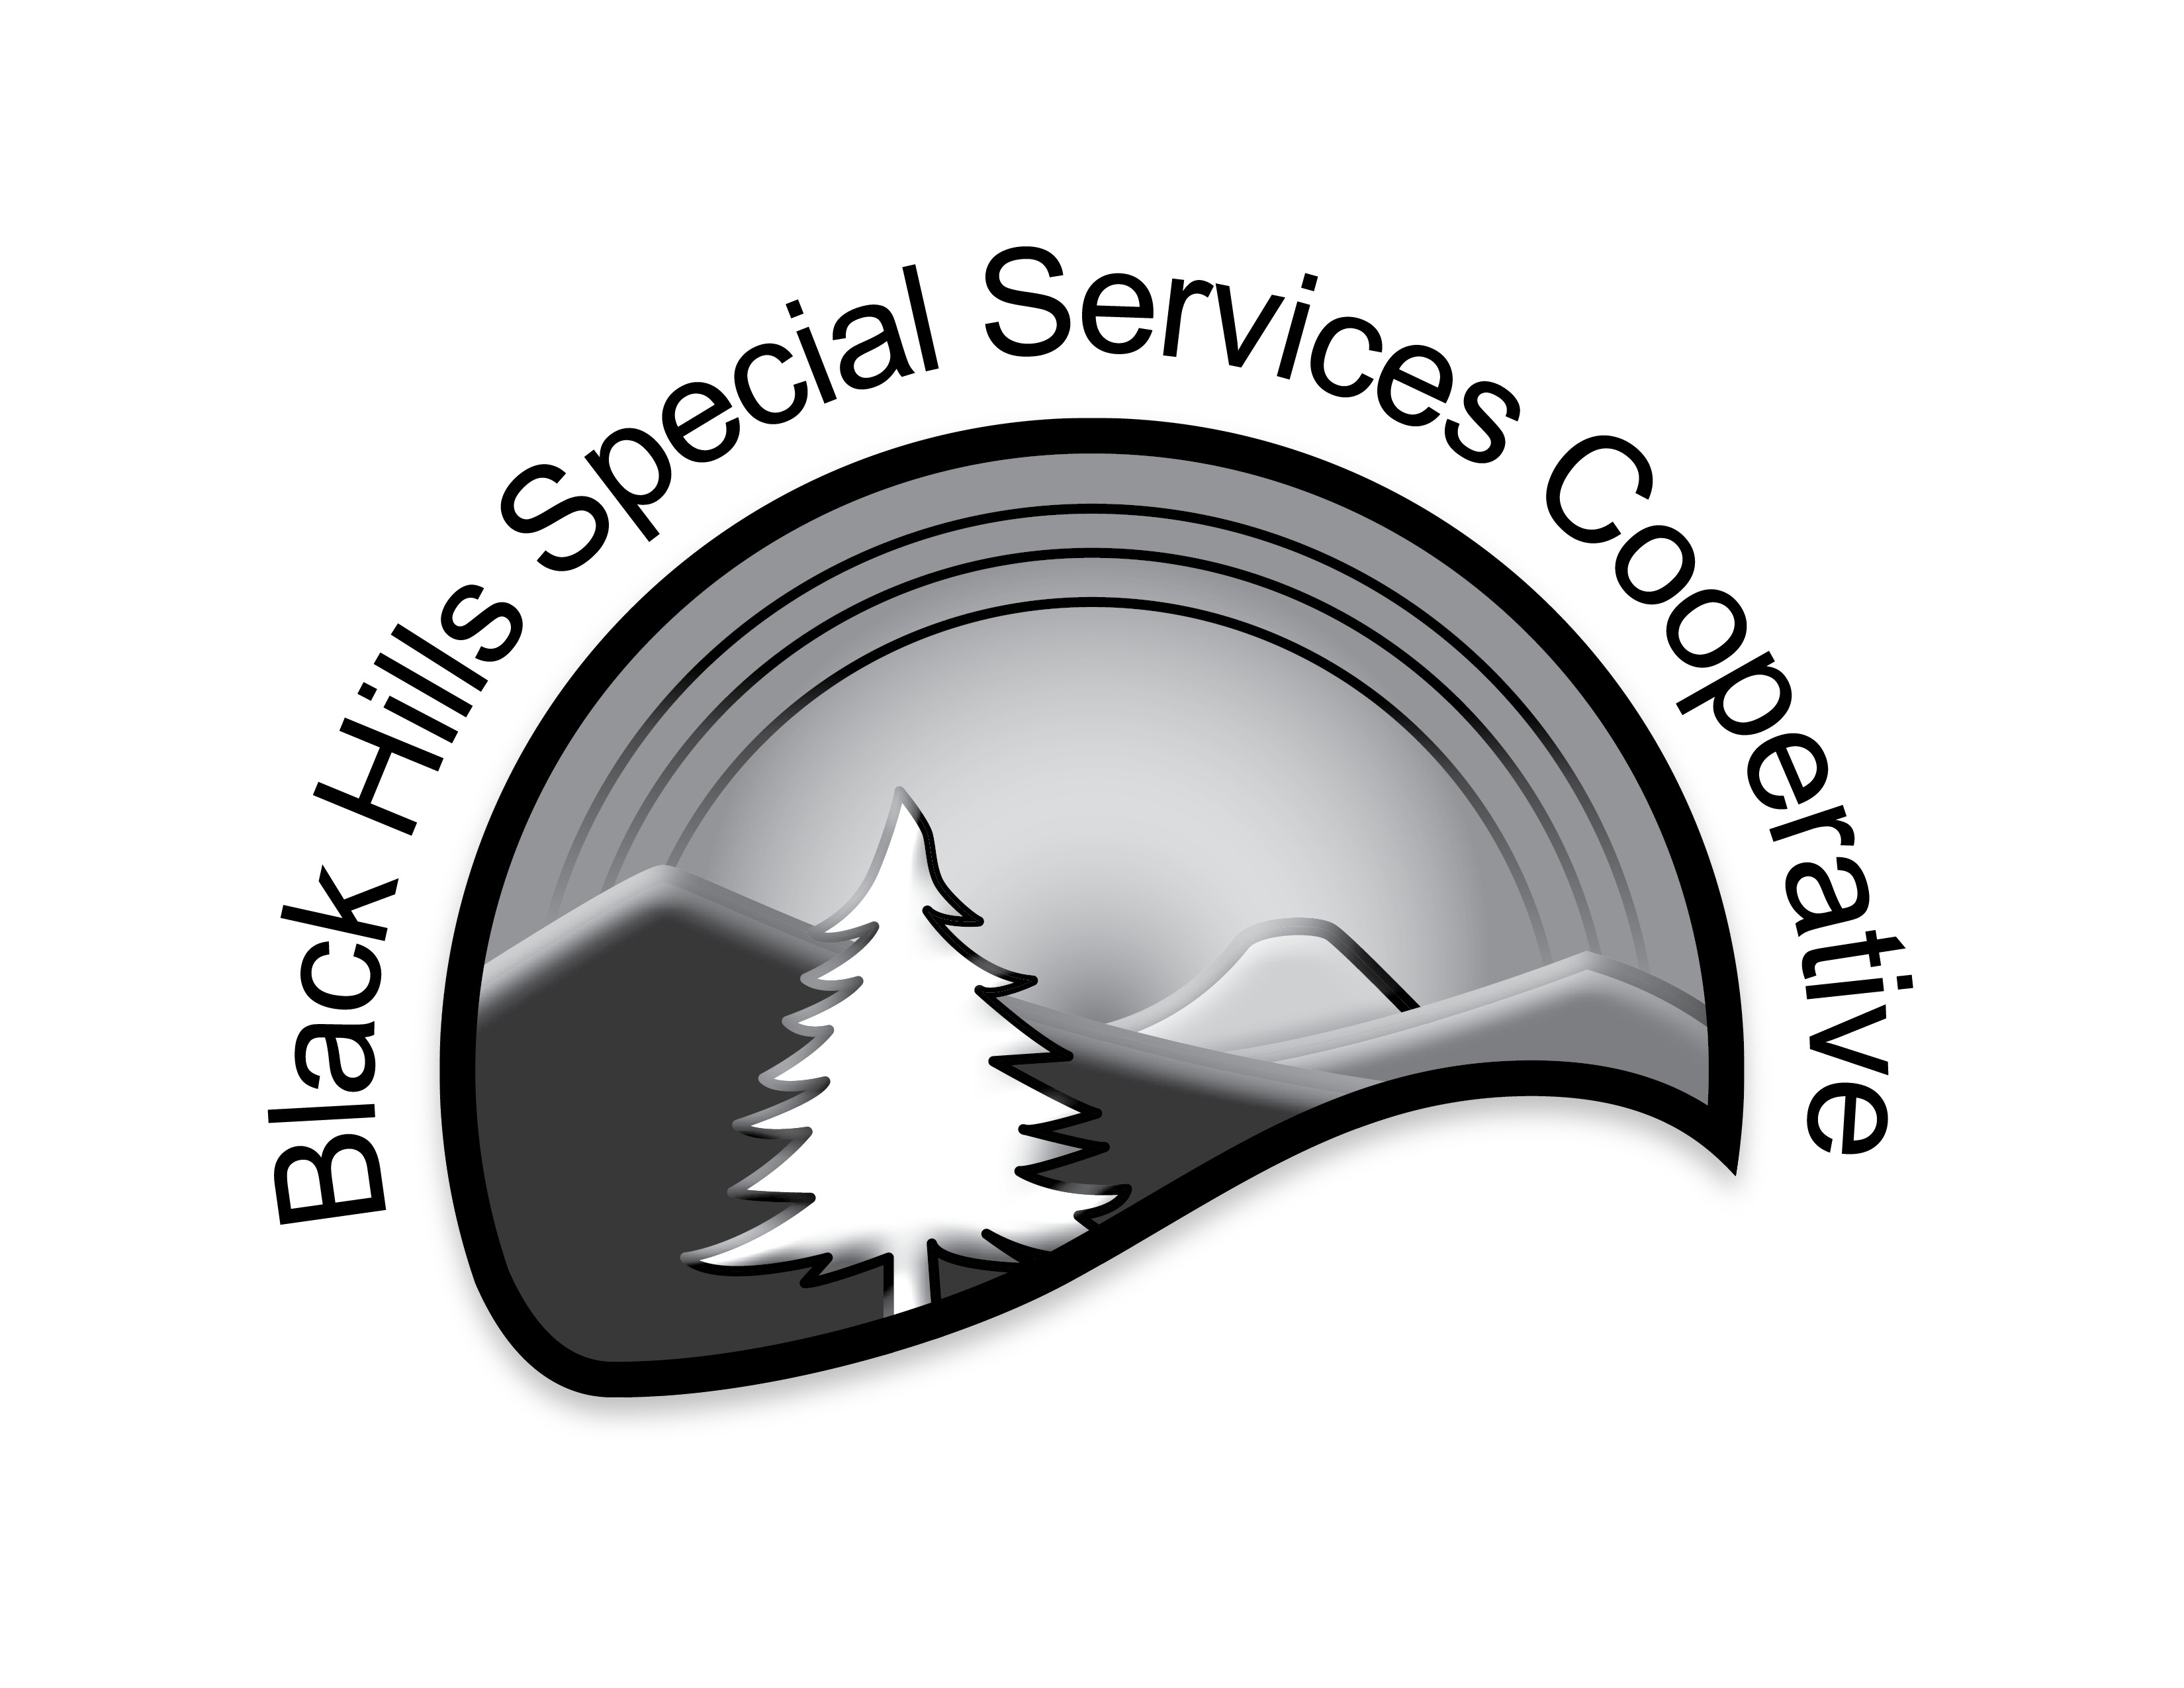 BHSSC Logo